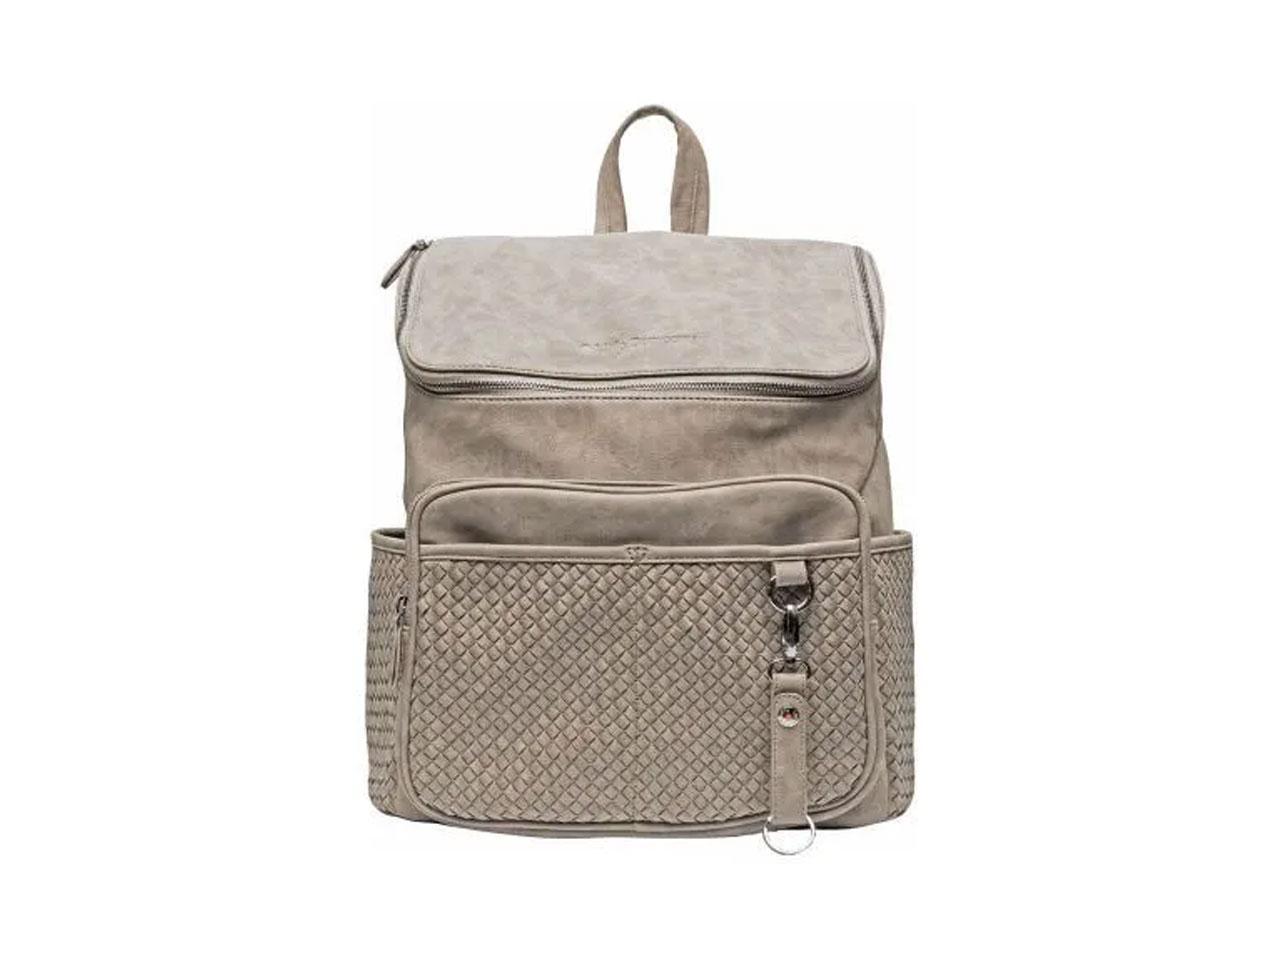 Přebalovací batoh LITTLE COMPANY Lisbon Braided, šedo-hnědý